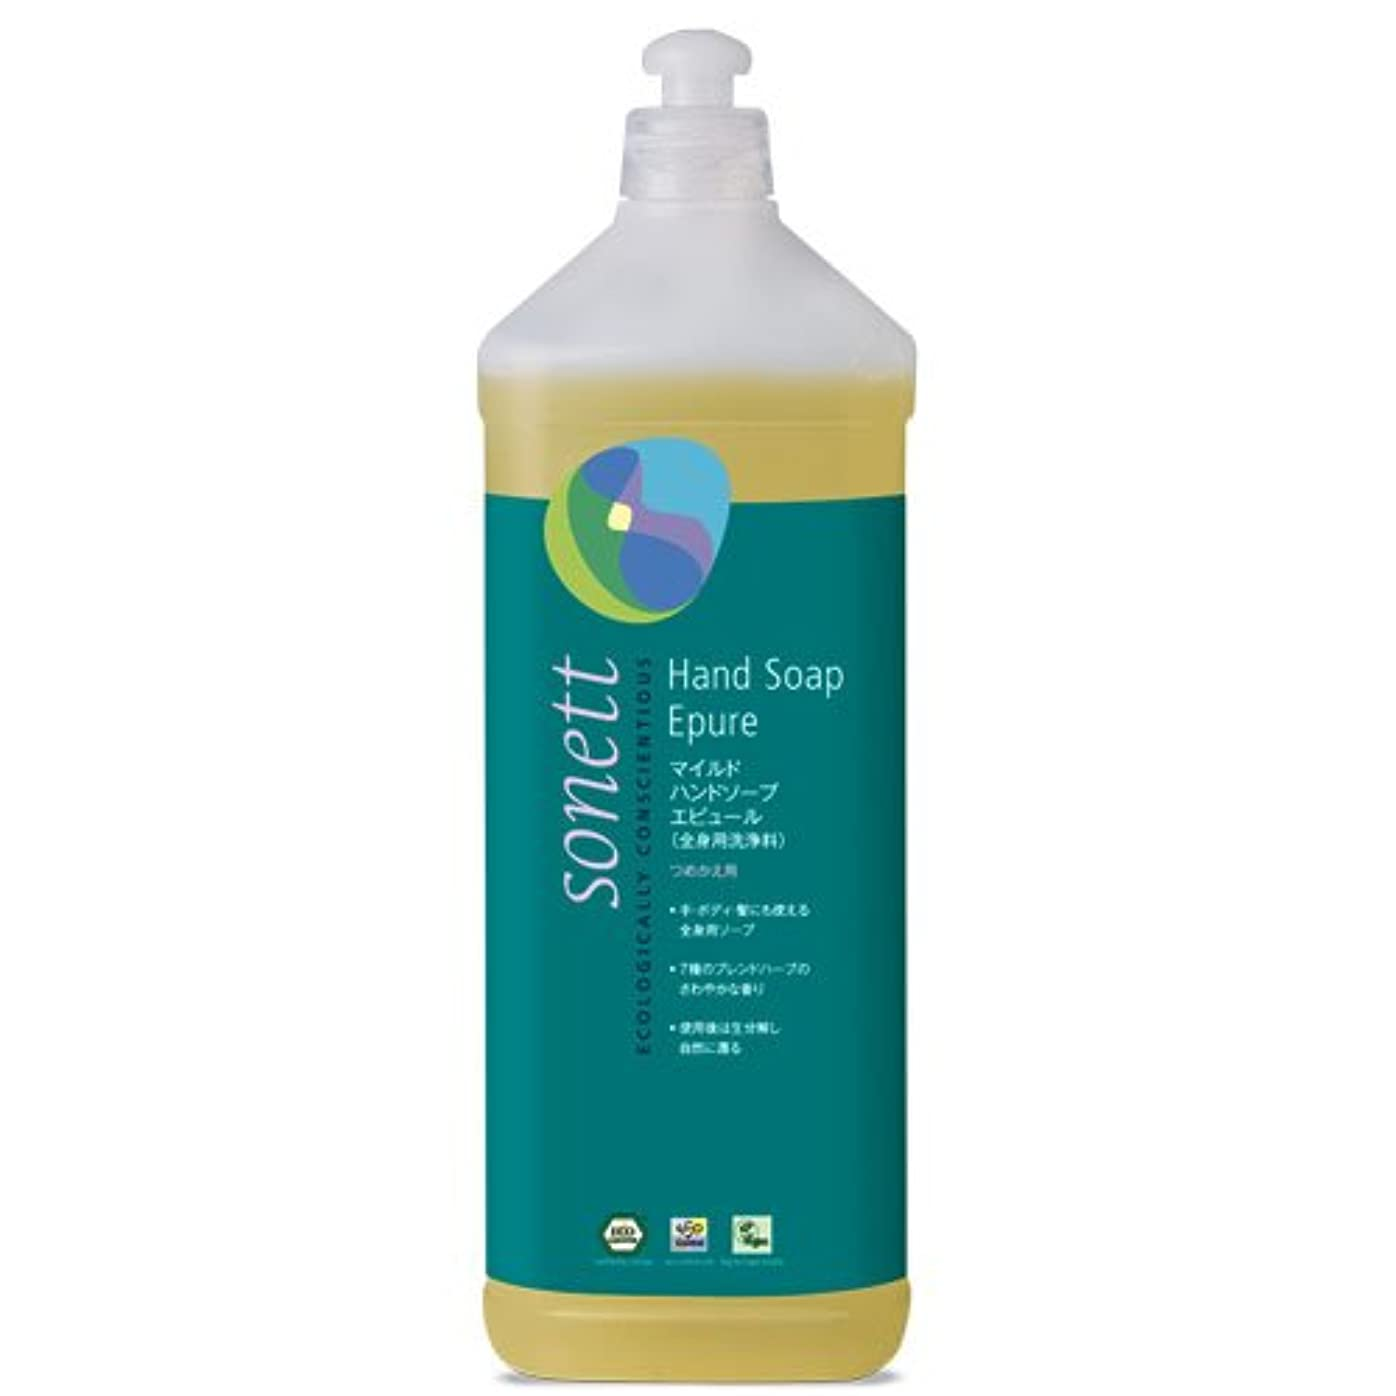 それから栄養人気のSONETT ( ソネット 洗剤 ) マイルドハンドソープ エピュール 1L  ( ボディー&ハンドソープ 全身に )